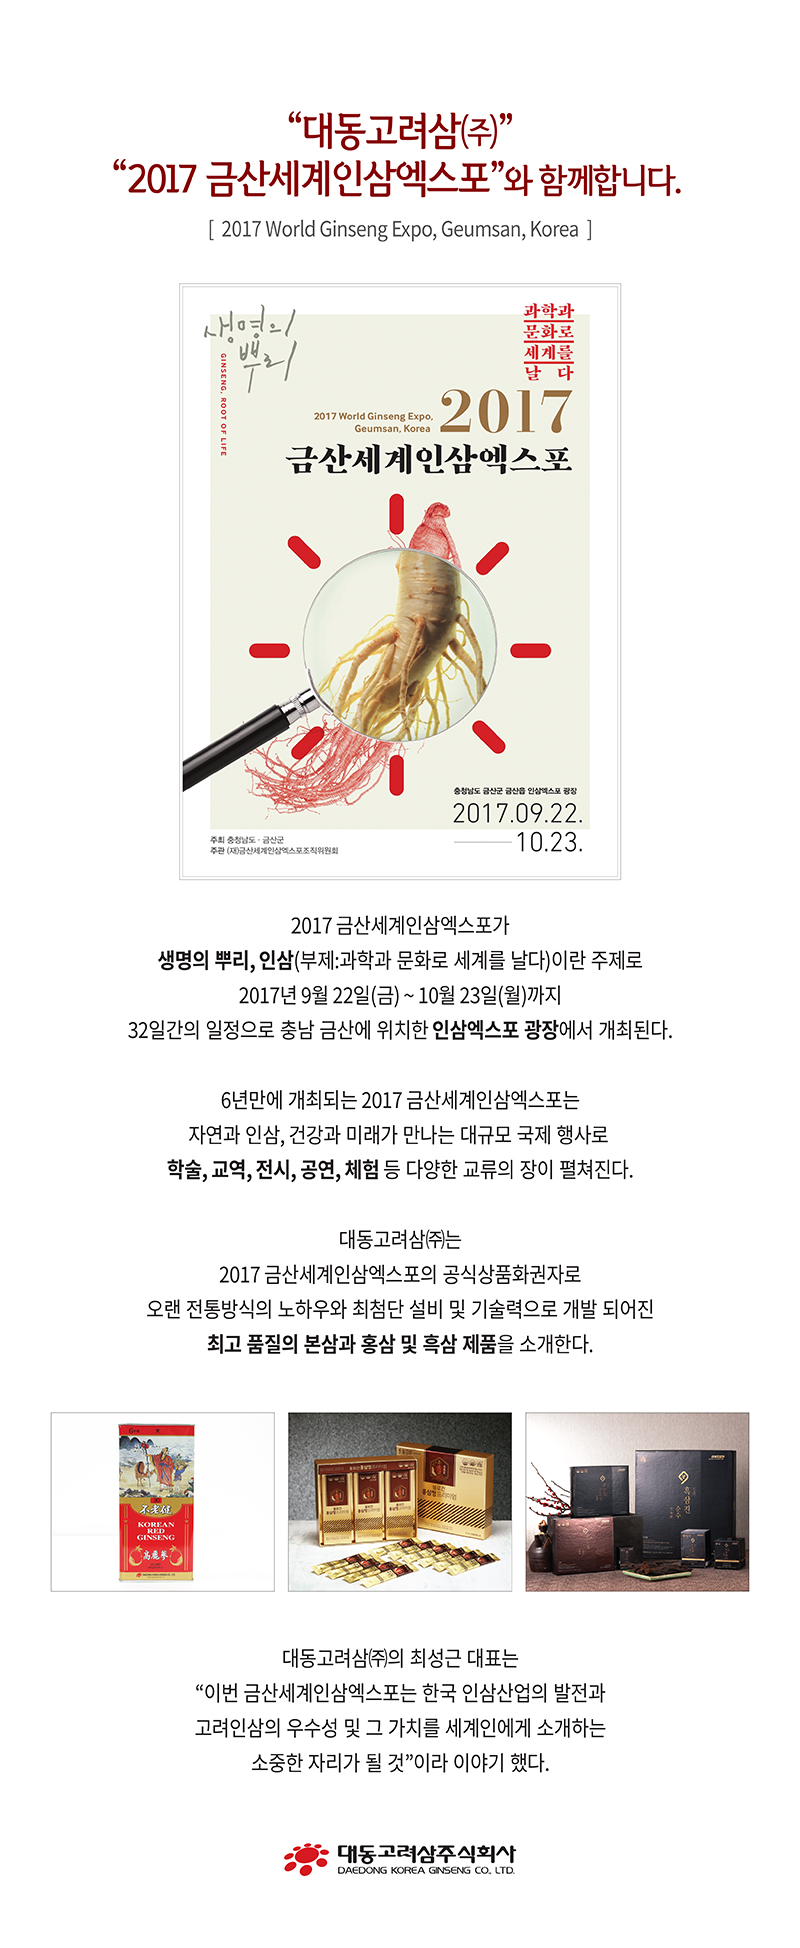 2017 금산세계인삼엑스포.jpg